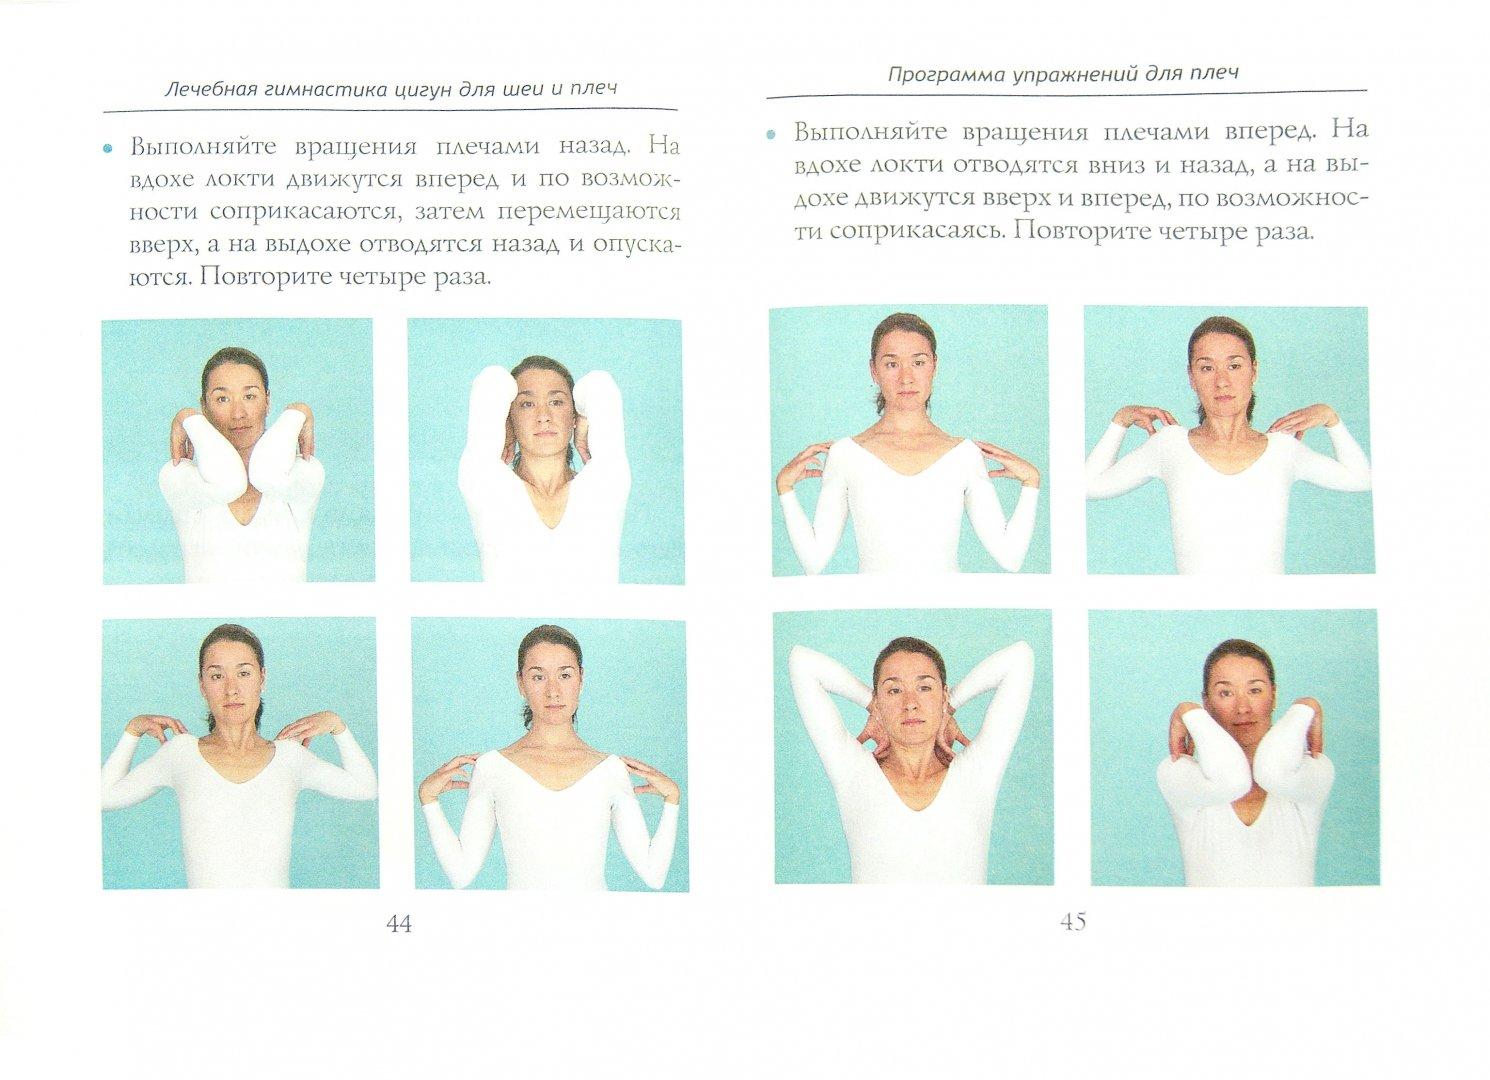 Иллюстрация 1 из 13 для Лечебная гимнастика цигун для шеи и плеч - Инка Йохум | Лабиринт - книги. Источник: Лабиринт